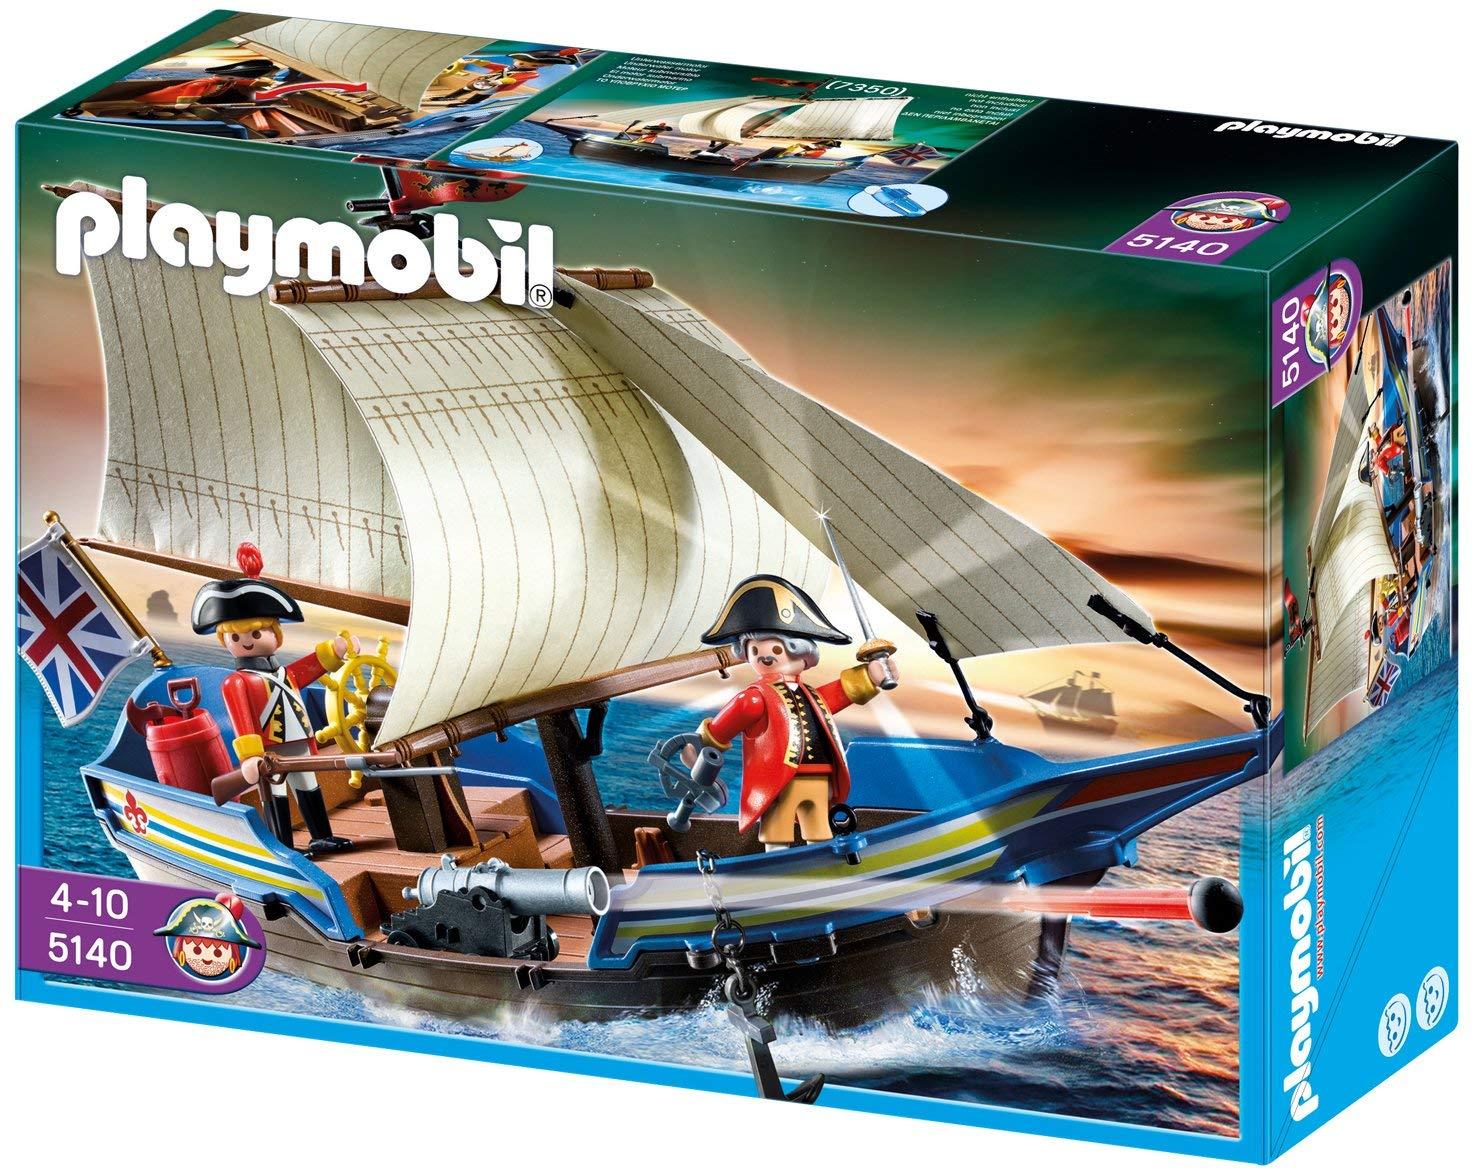 playmobil 5140